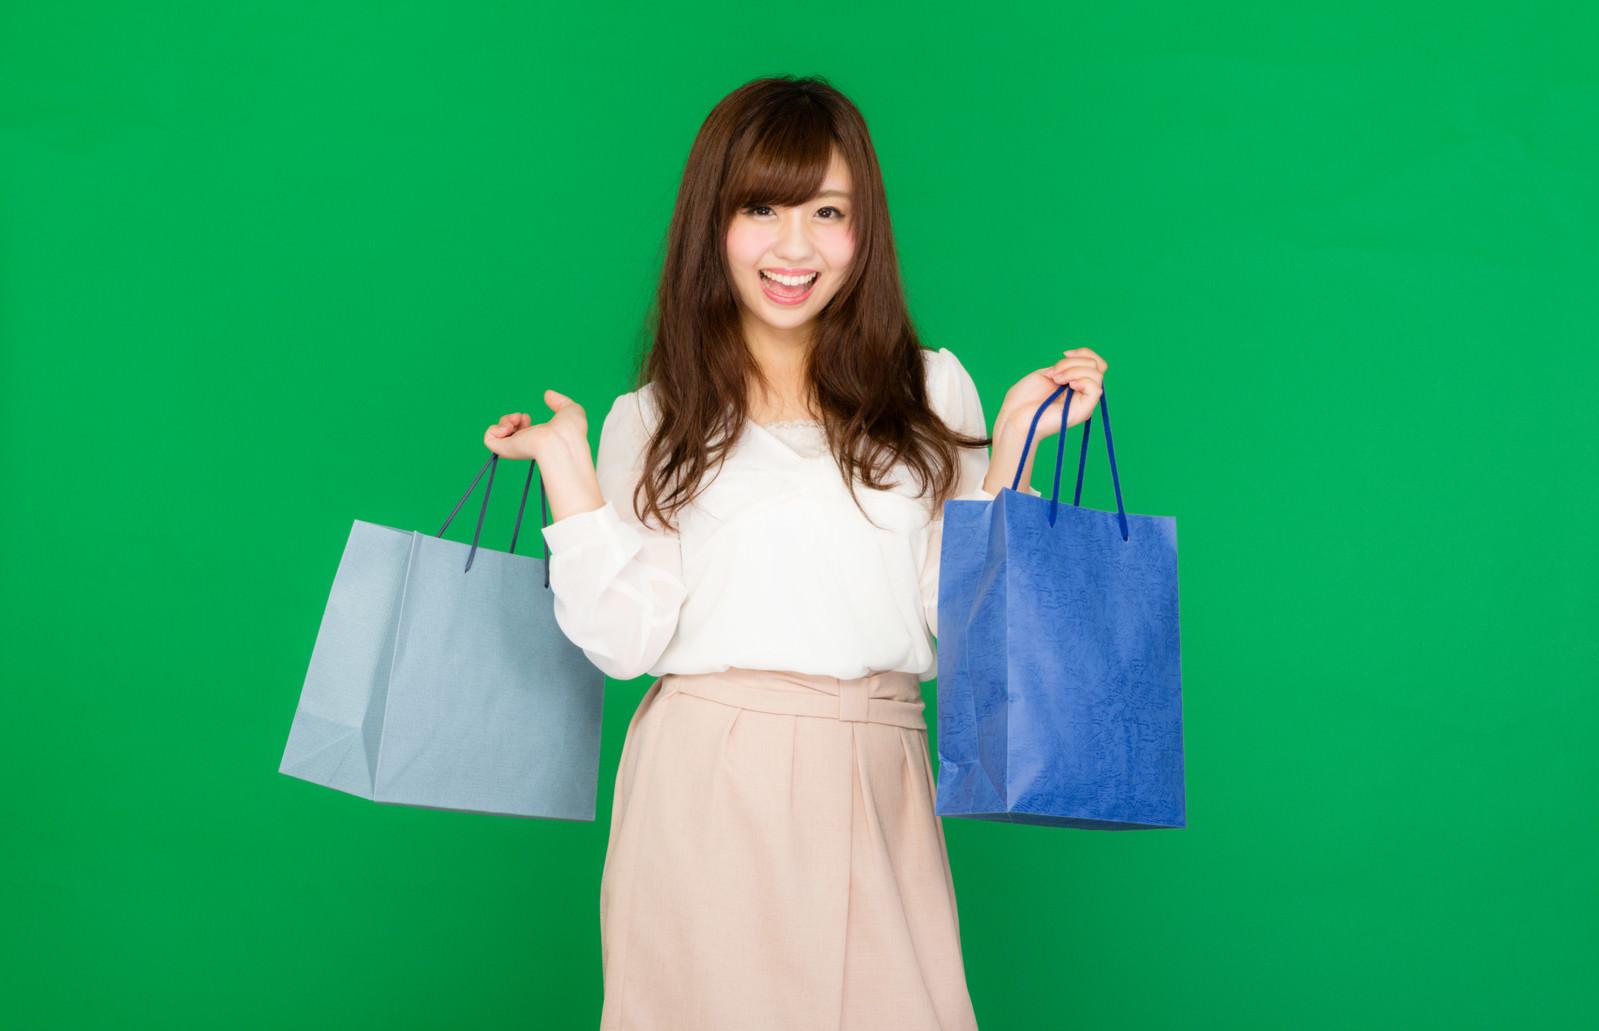 「お目当ての商品をゲットして笑顔の女性お目当ての商品をゲットして笑顔の女性」[モデル:河村友歌]のフリー写真素材を拡大